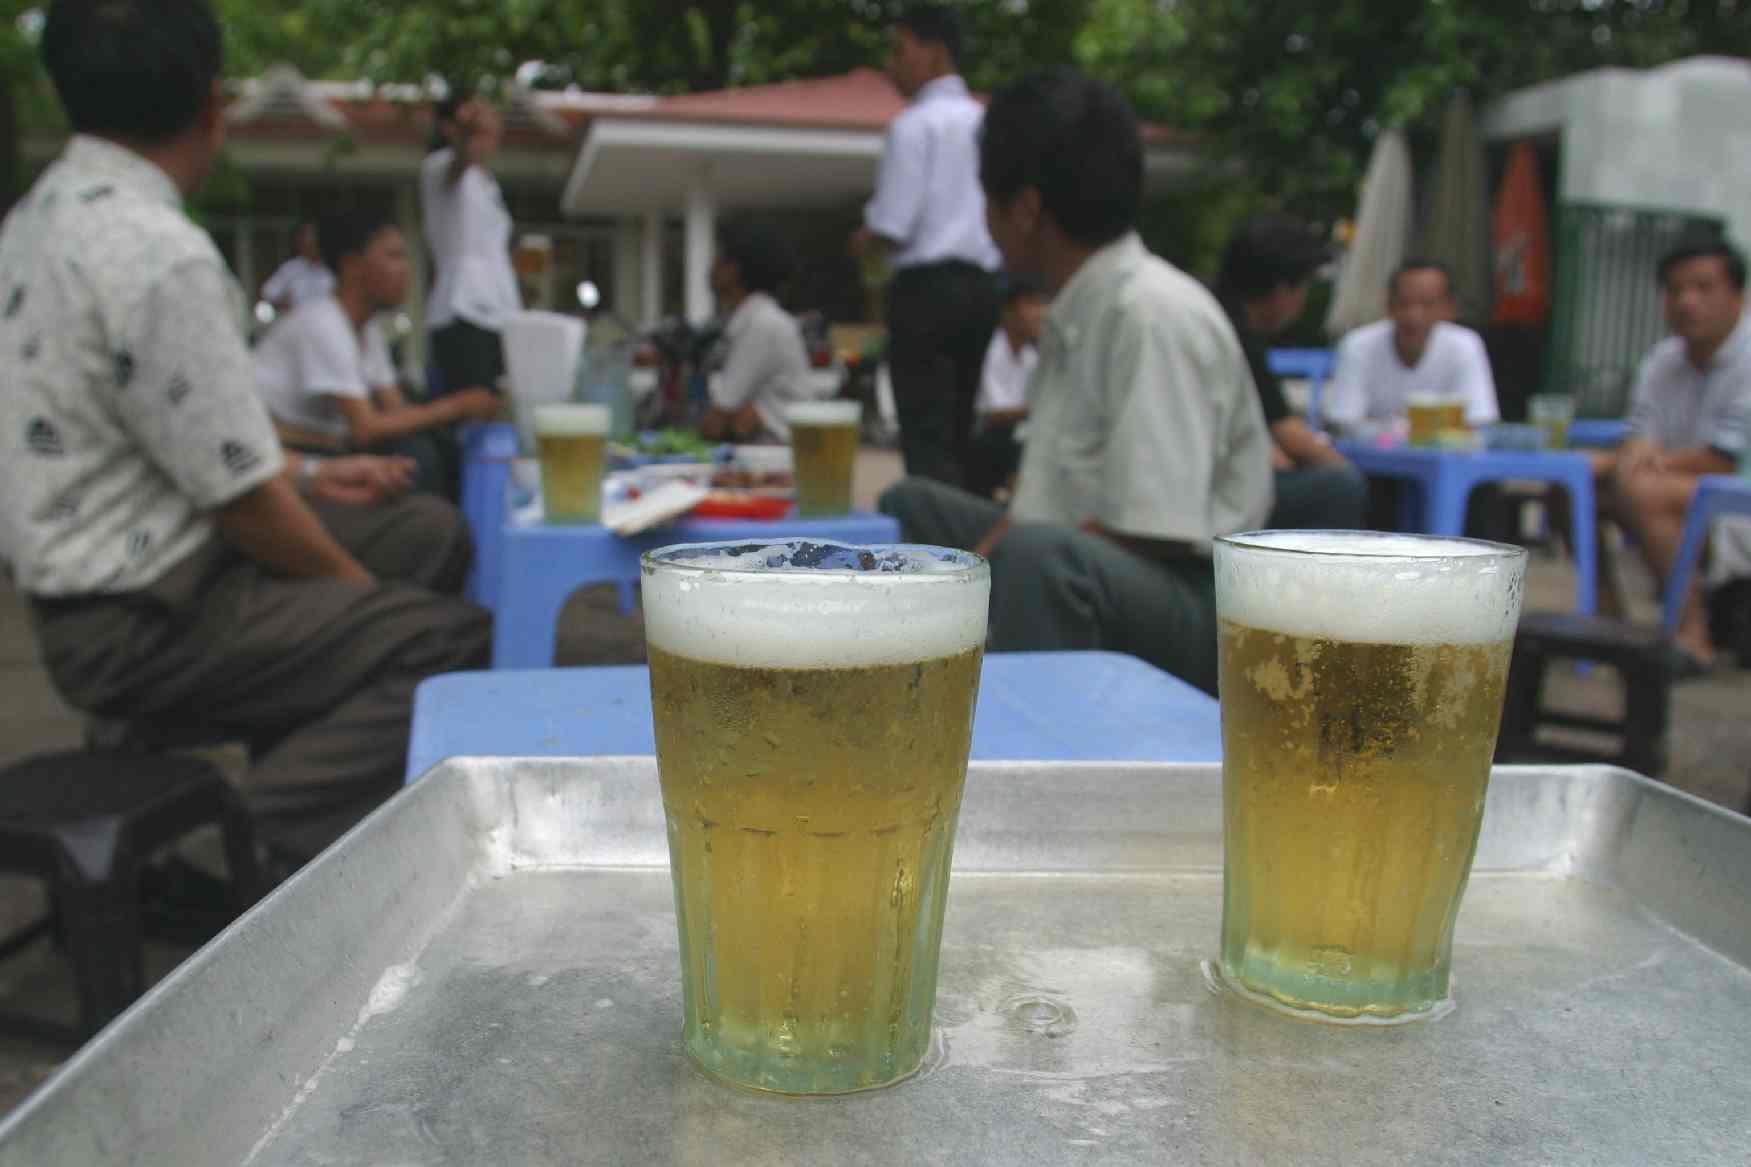 Mở quán bia hơi cần chọn bia ngon để kinh doanh